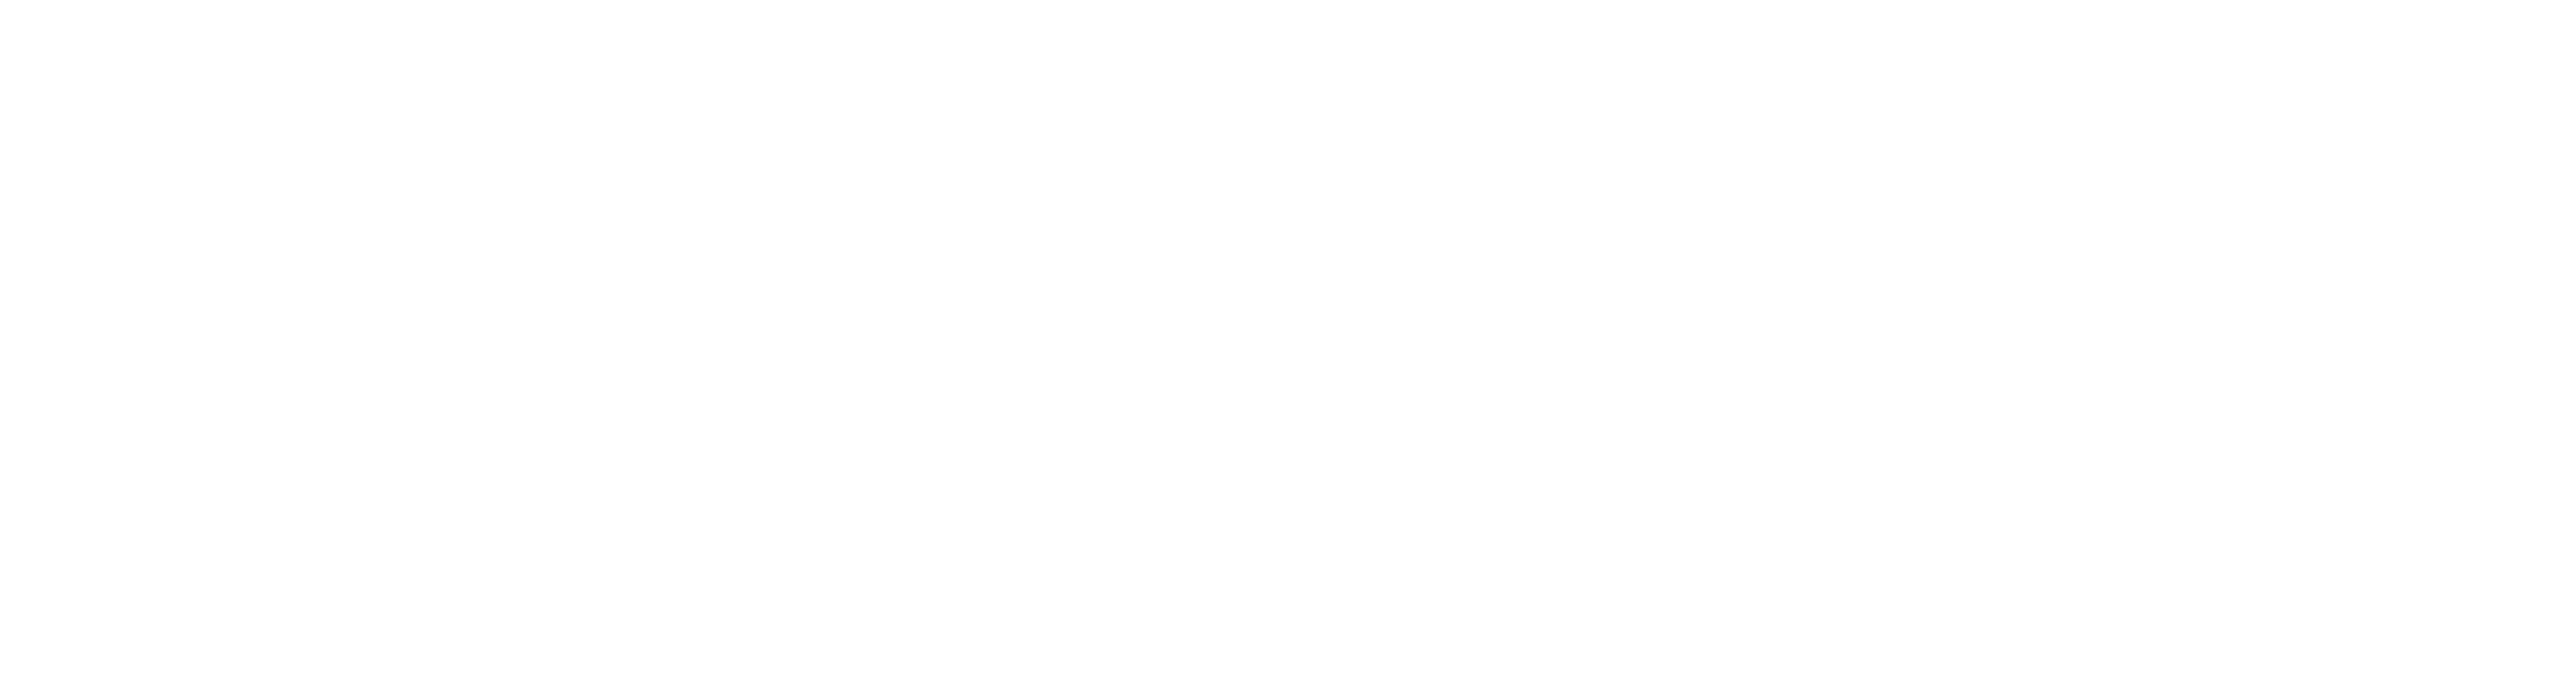 Valenciaga Catering - Eventos - O Xantar de Pili